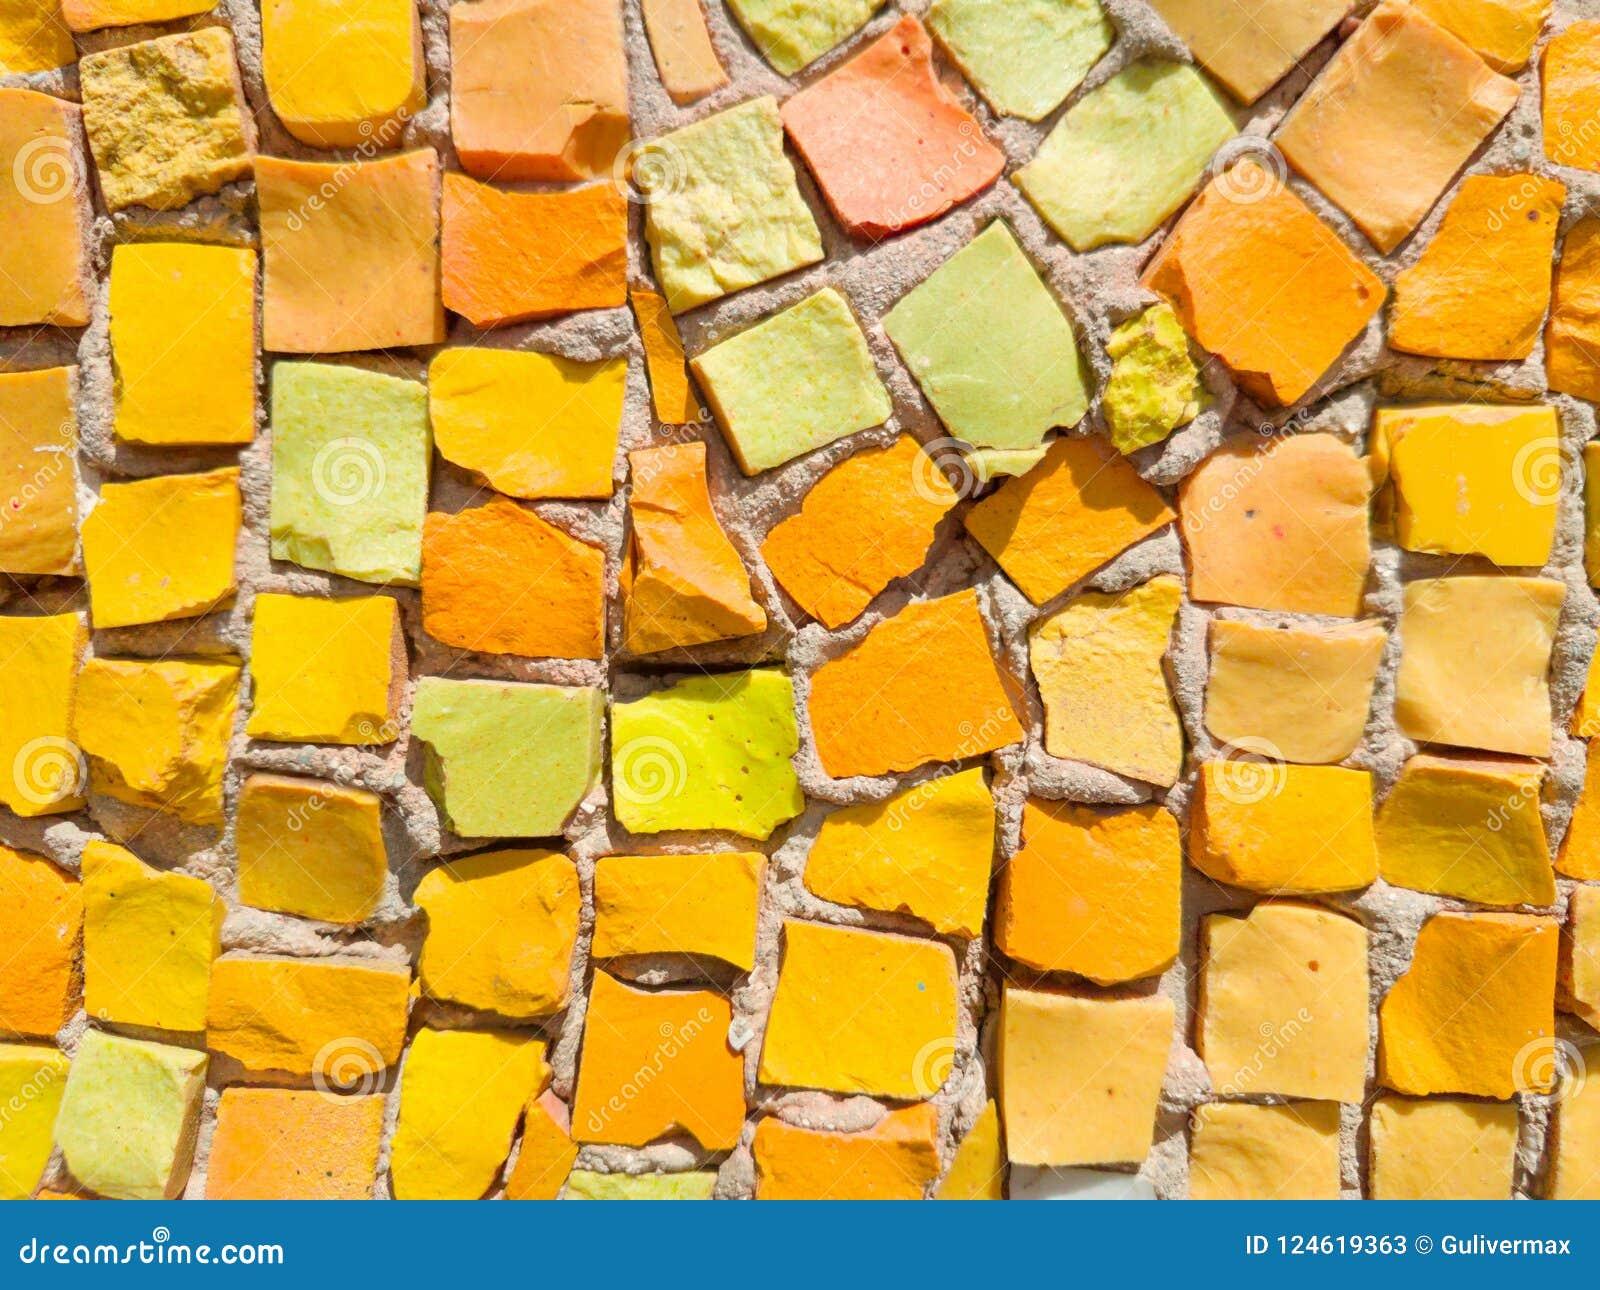 Abstract Colorful Smalt Mosaic. Exterior Wall Mosaic, Close-up Stock ...